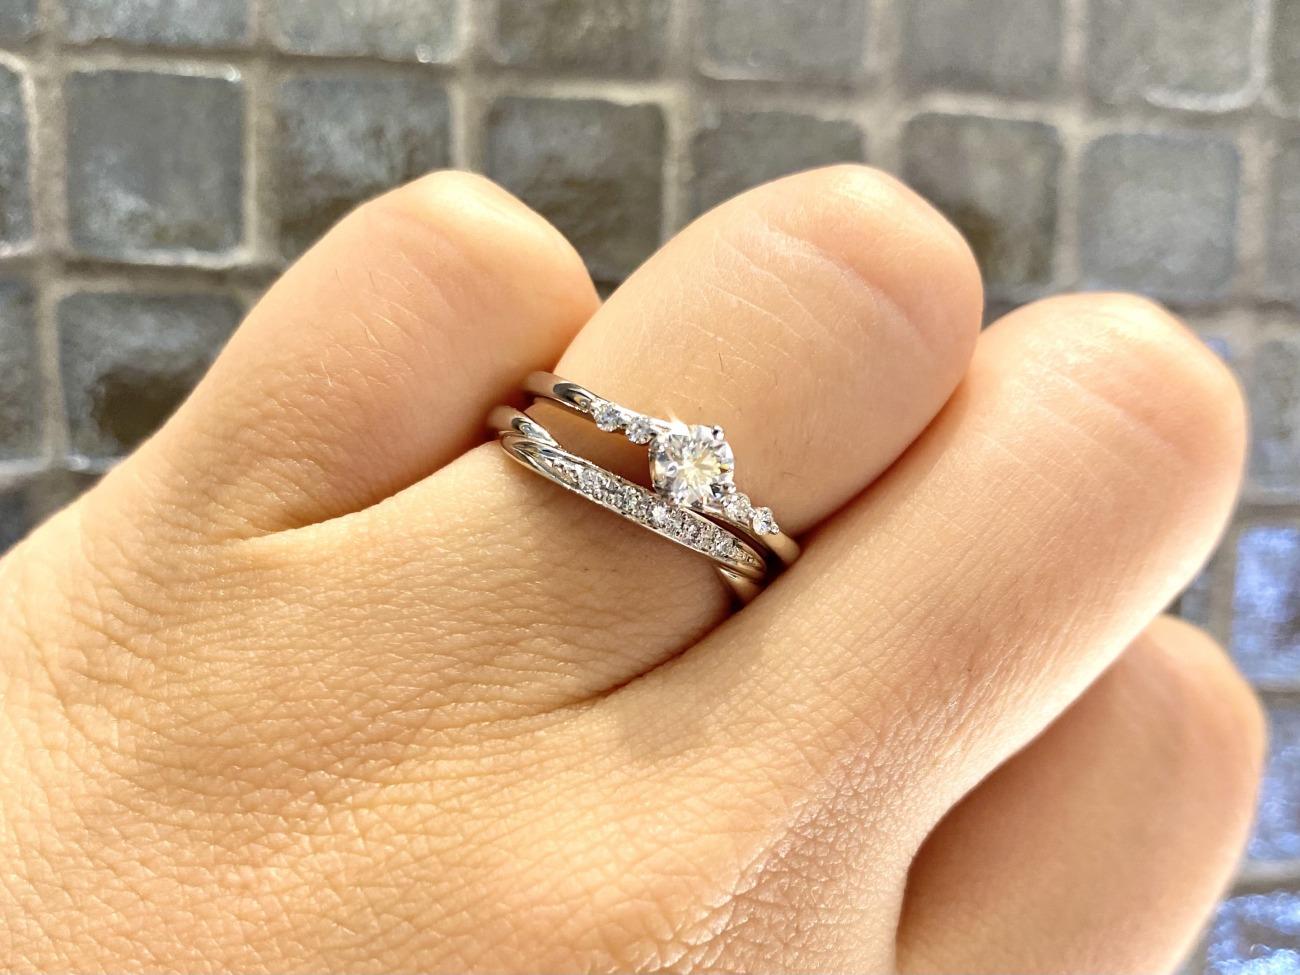 結婚指輪と婚約指輪はセットリングでお選びいただきました!